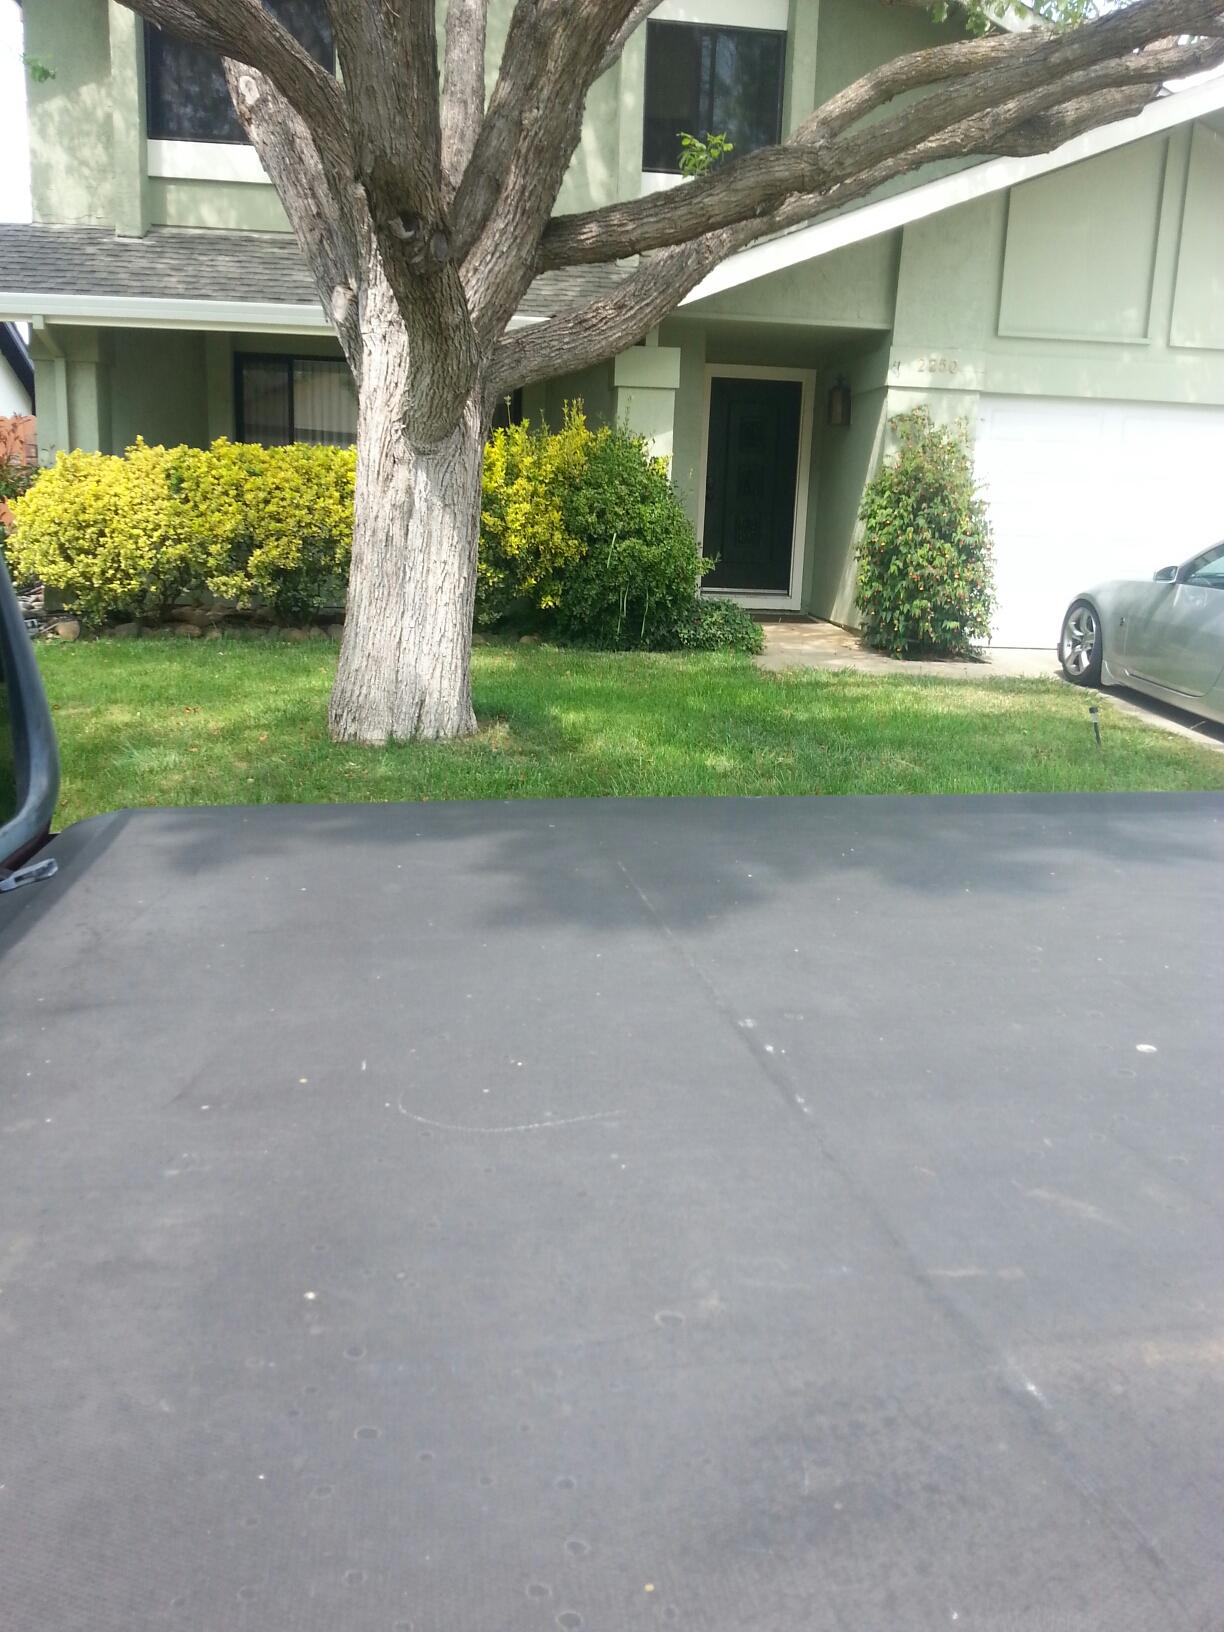 Rancho Cordova, CA - Rancho Cordova estimate for attic venting estimate for garage venting